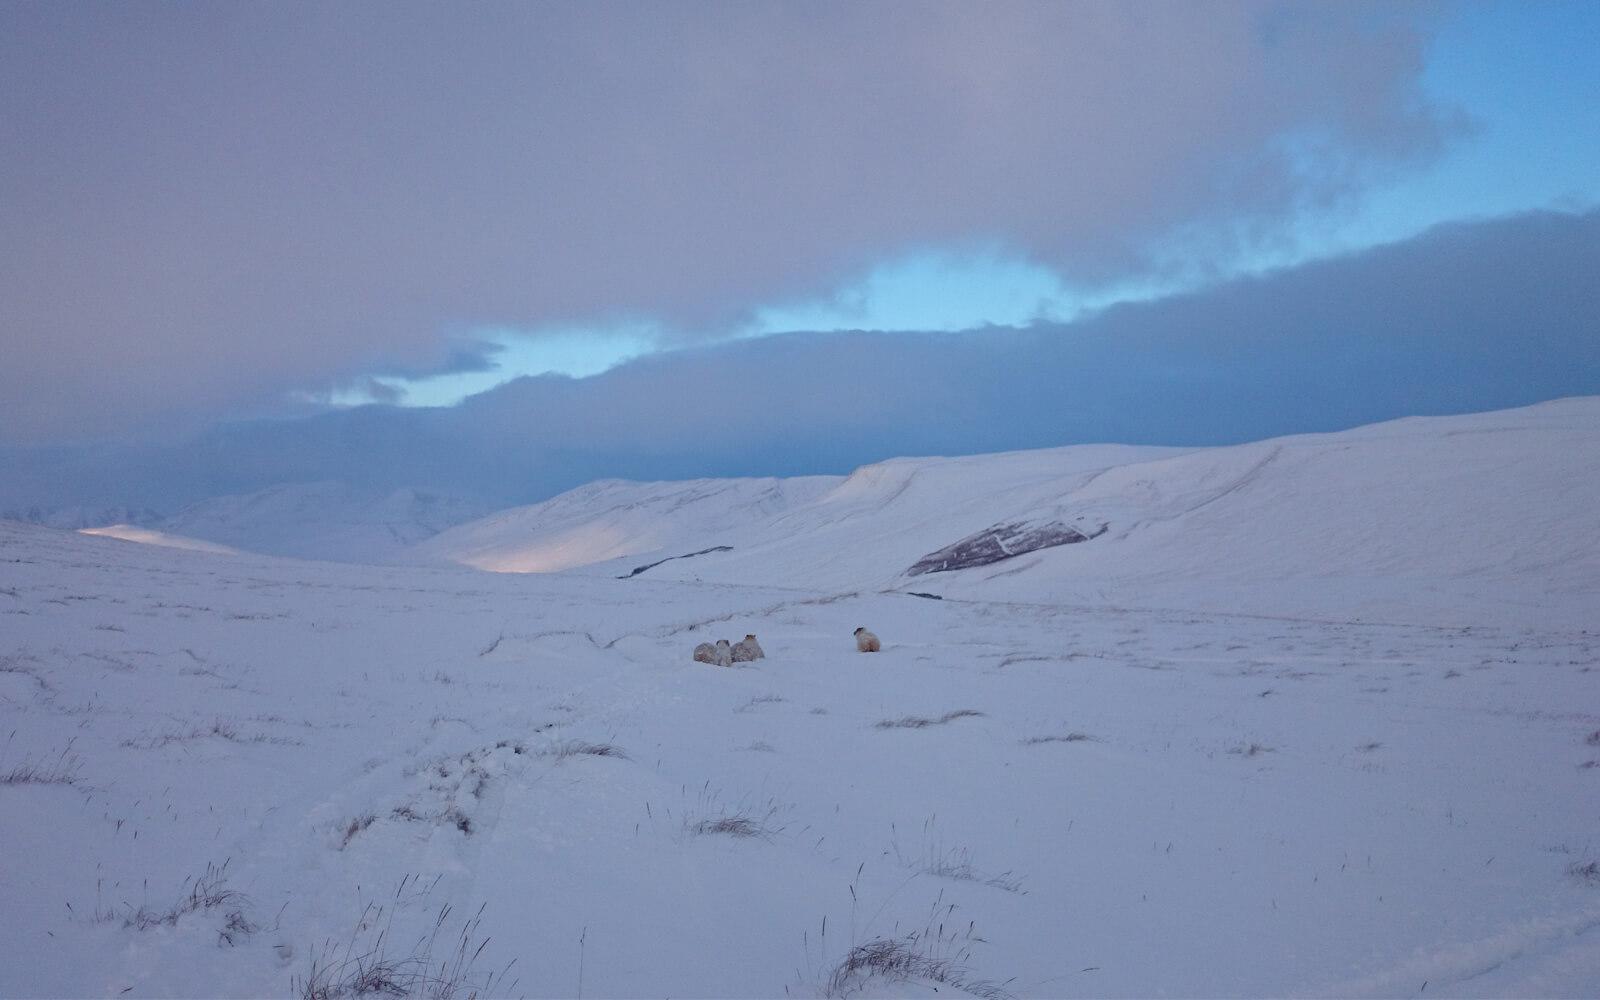 Schafe in Schneelandschaft